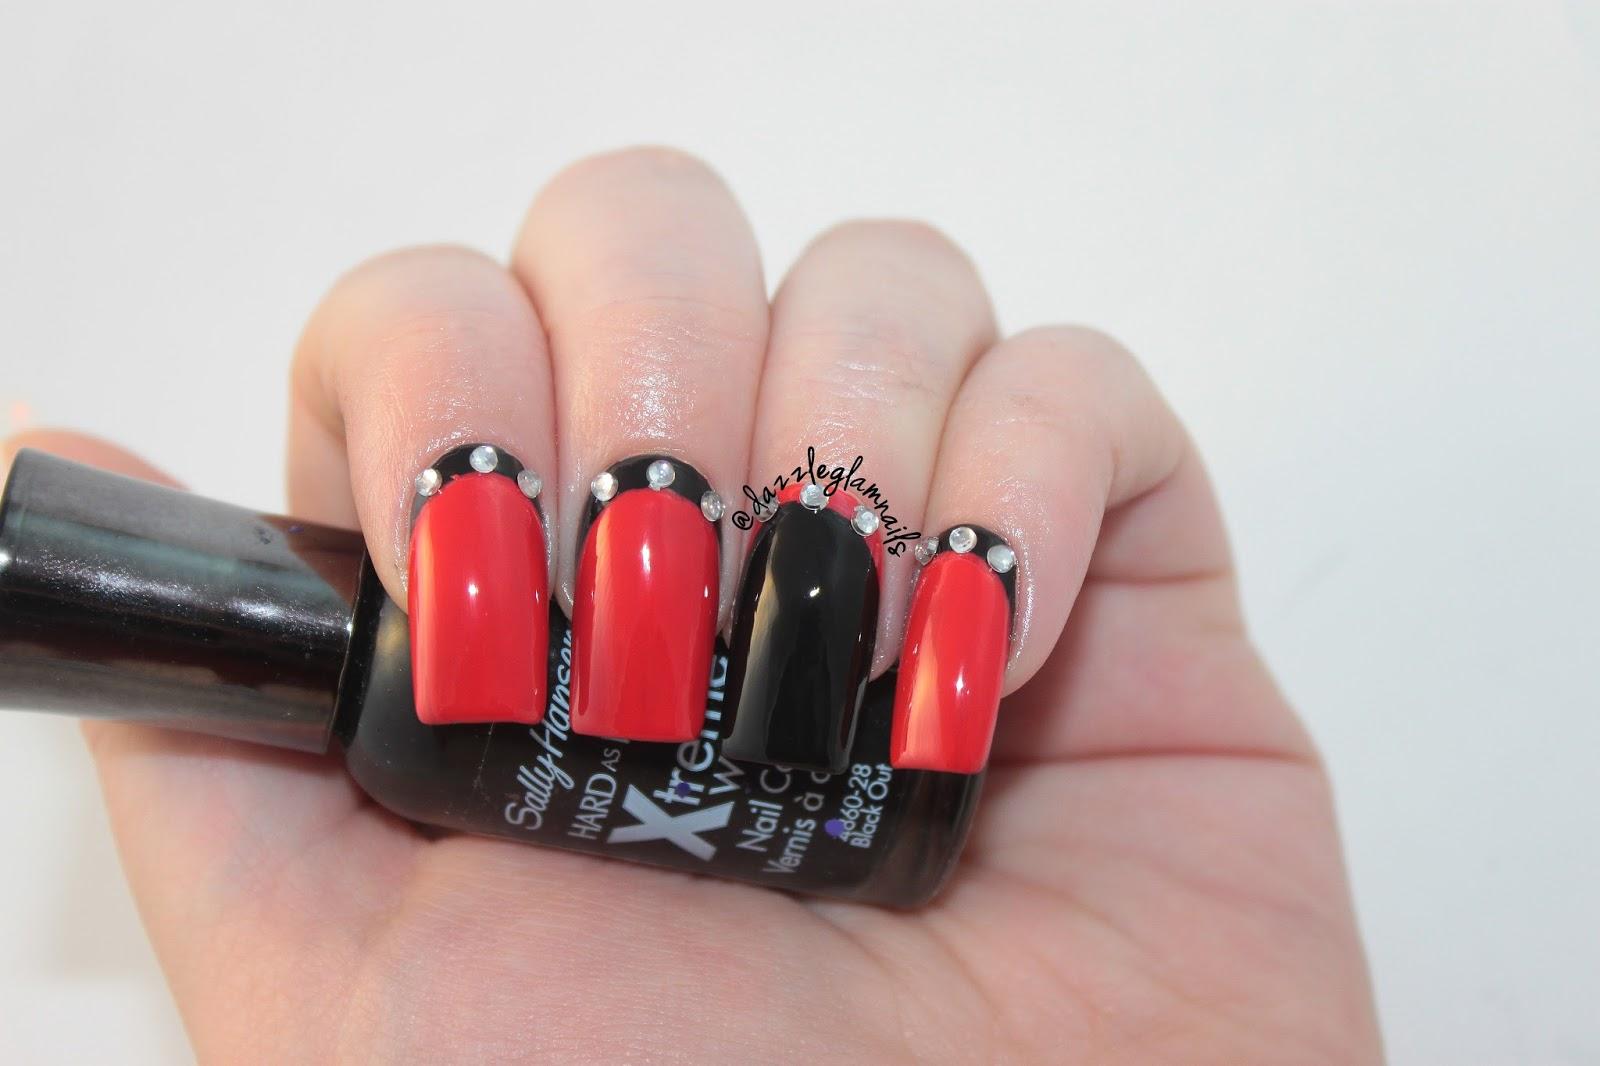 Dazzle Glam Nails   Nail Art Blog: Black & Red Ruffian Nail Art